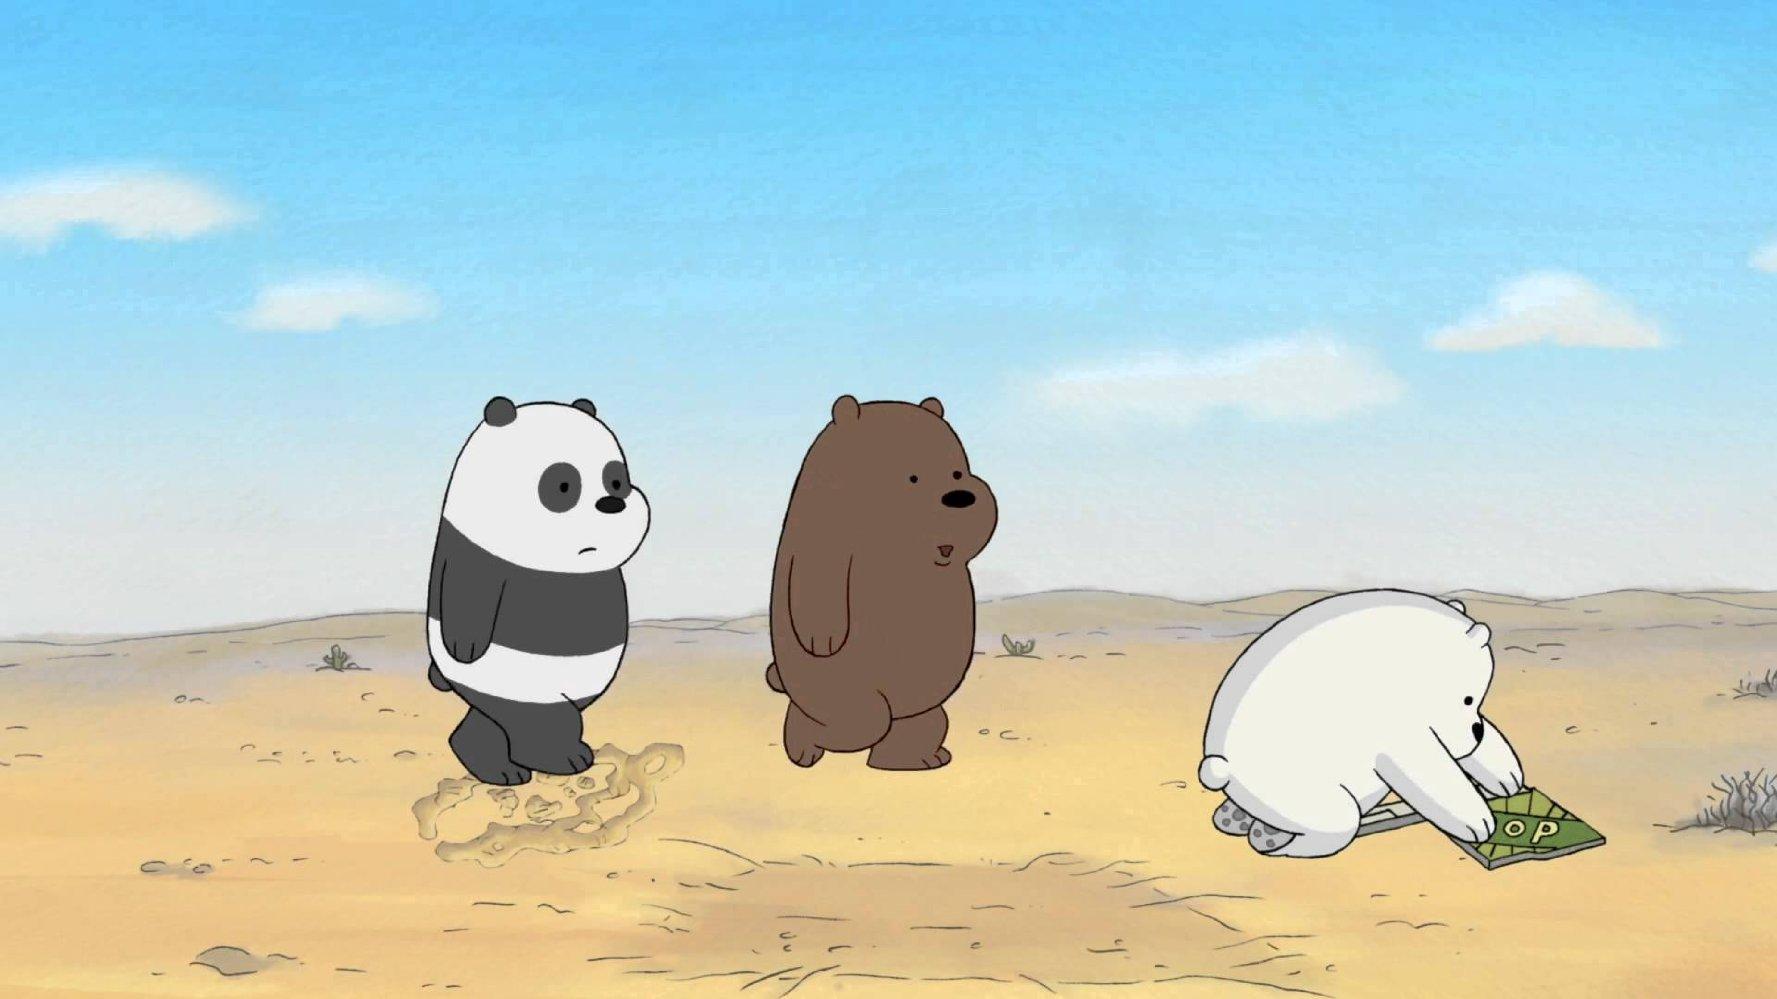 аринсаль картинки из вся правда о медведях все все персонажи иметь красивые завитки